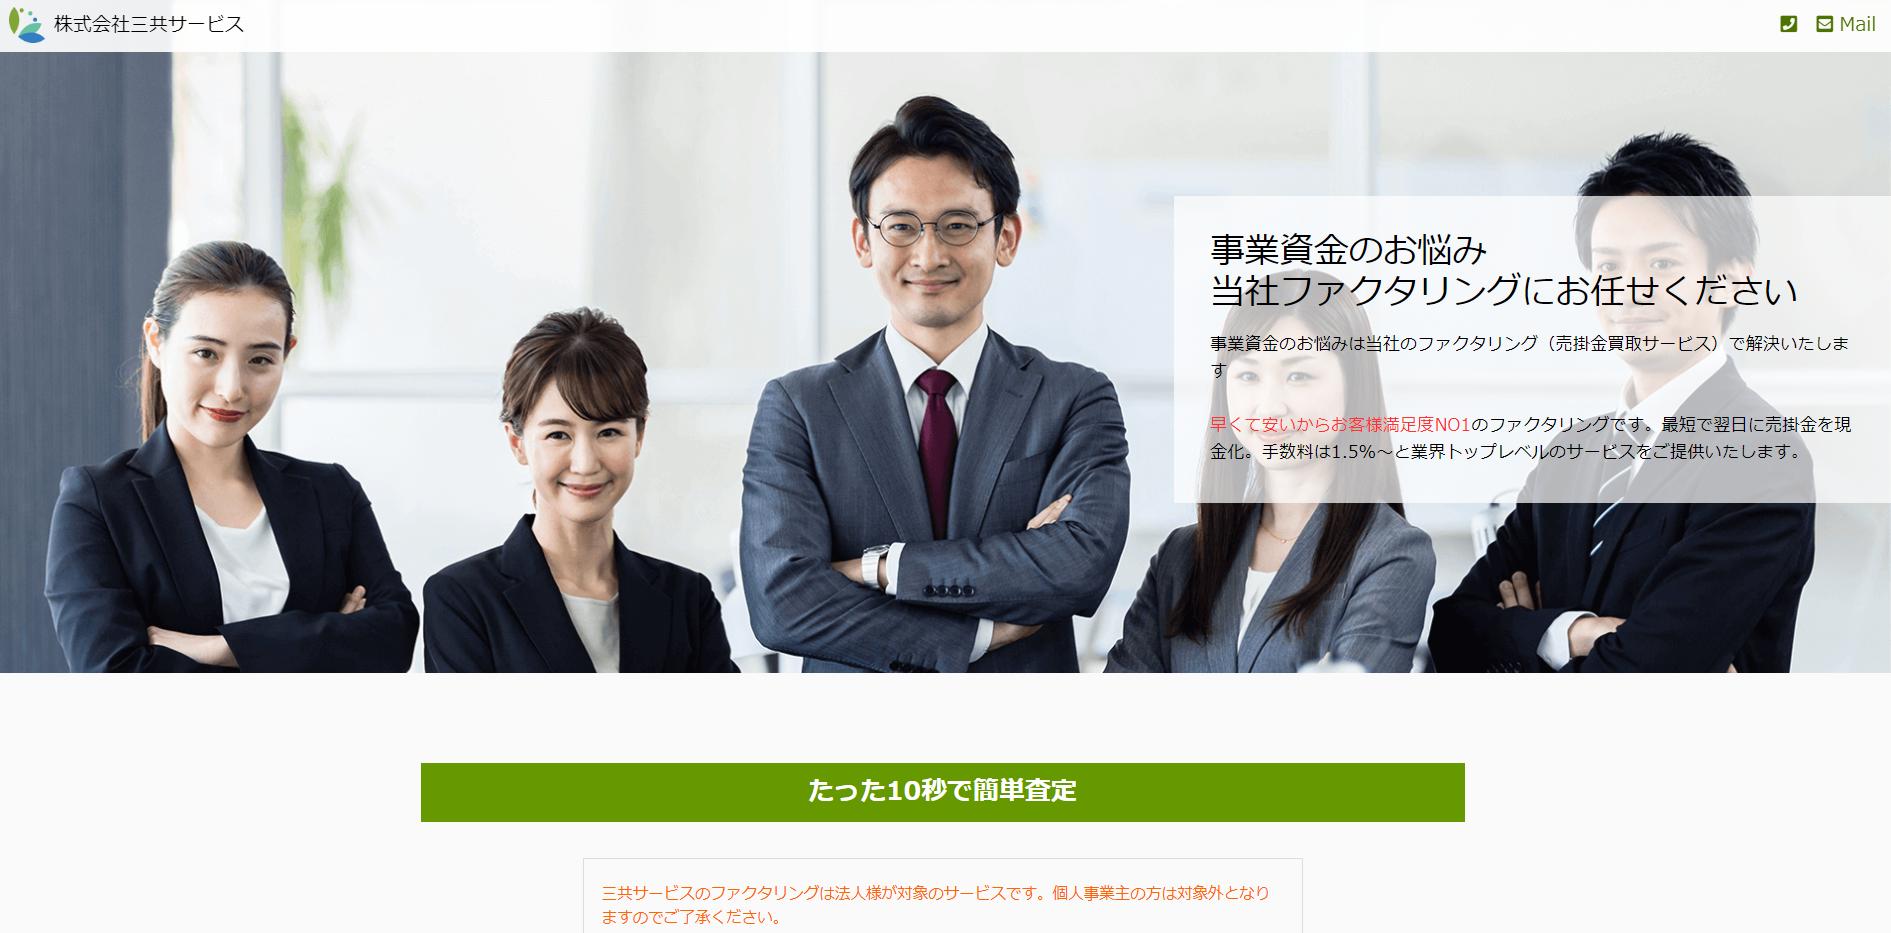 三共サービス ファクタリング会社イメージ